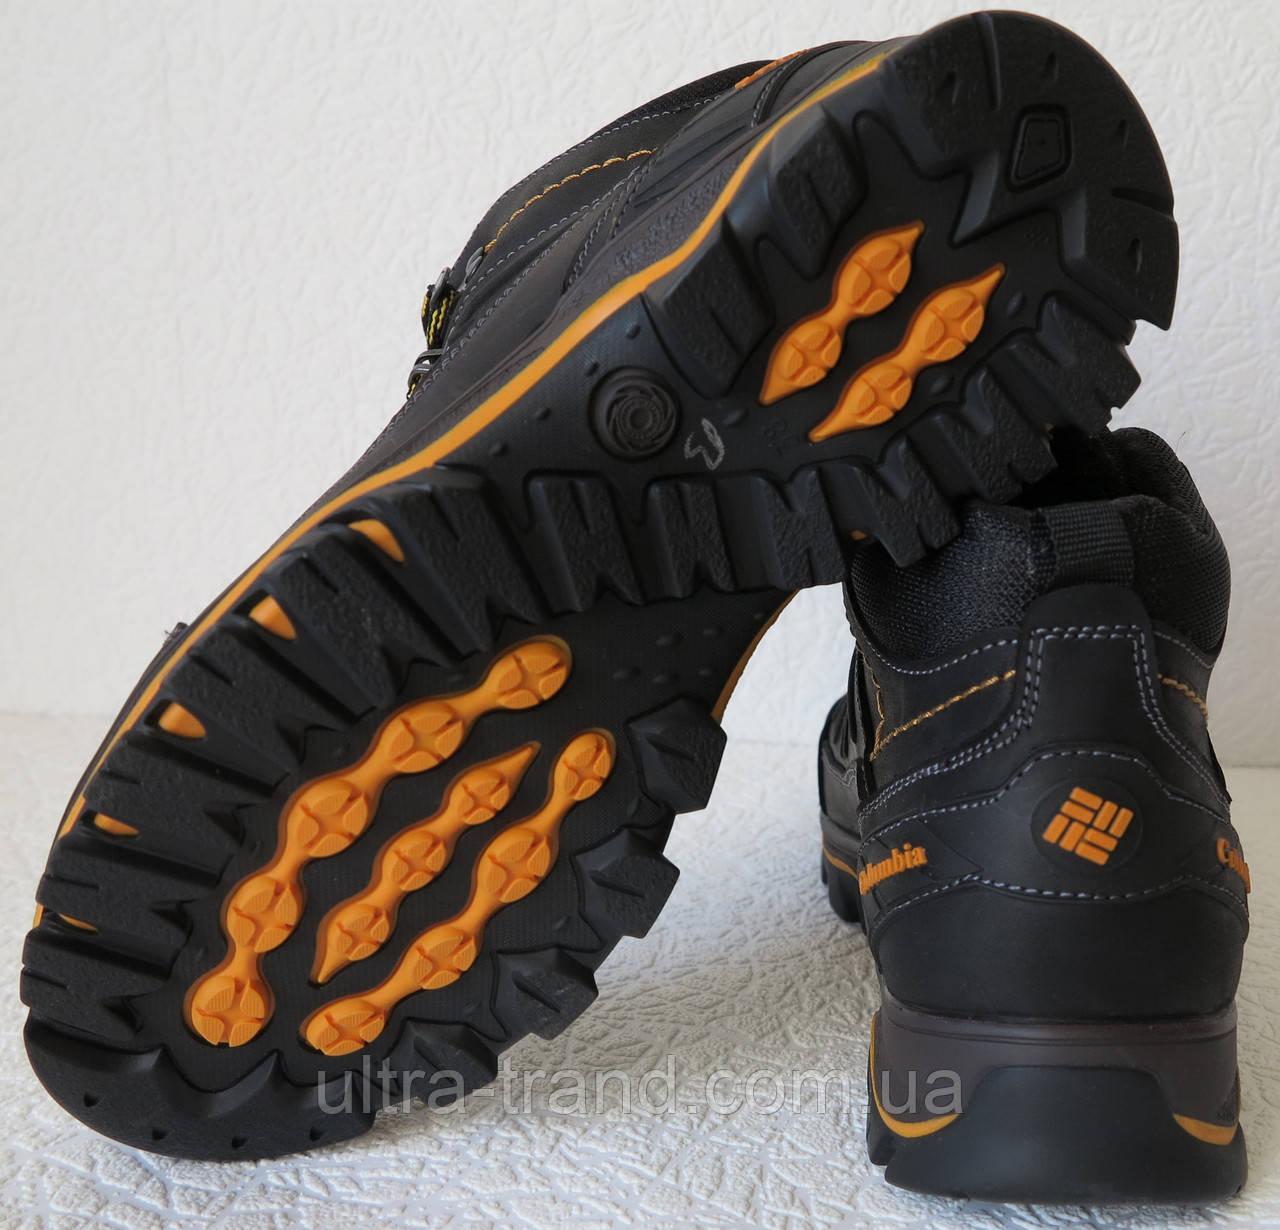 7d96acf07c0f ... Columbia детские подростковые кожаные зимние ботинки с мехом реплика  Коламбия синие, ...